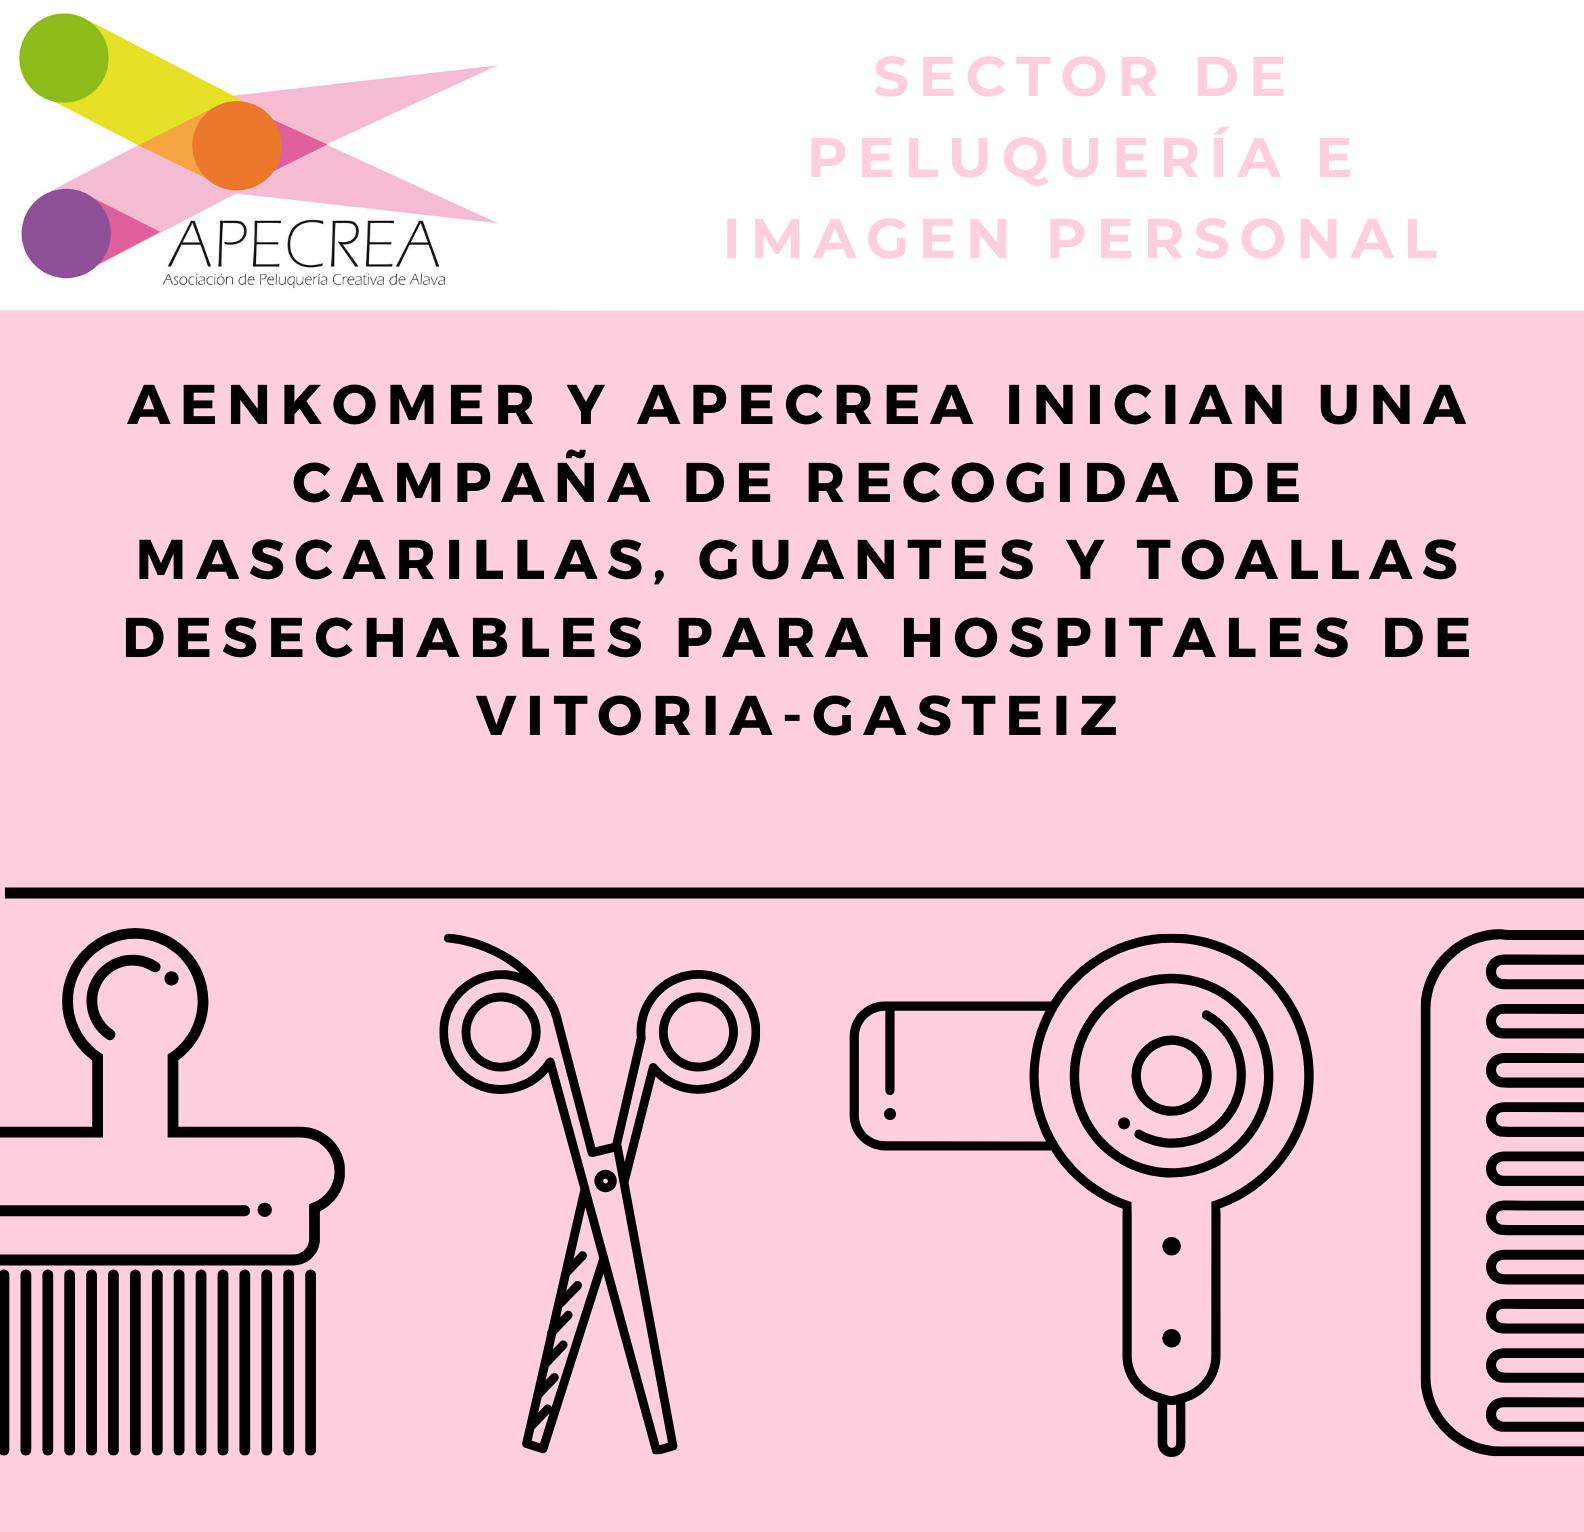 AENKOMER Y APECREA UNEN SUS FUERZAS Y DONAN PRODUCTOS DESECHABLES ANTE EL ESTADO DE EMERGENCIA POR EL COVID-19